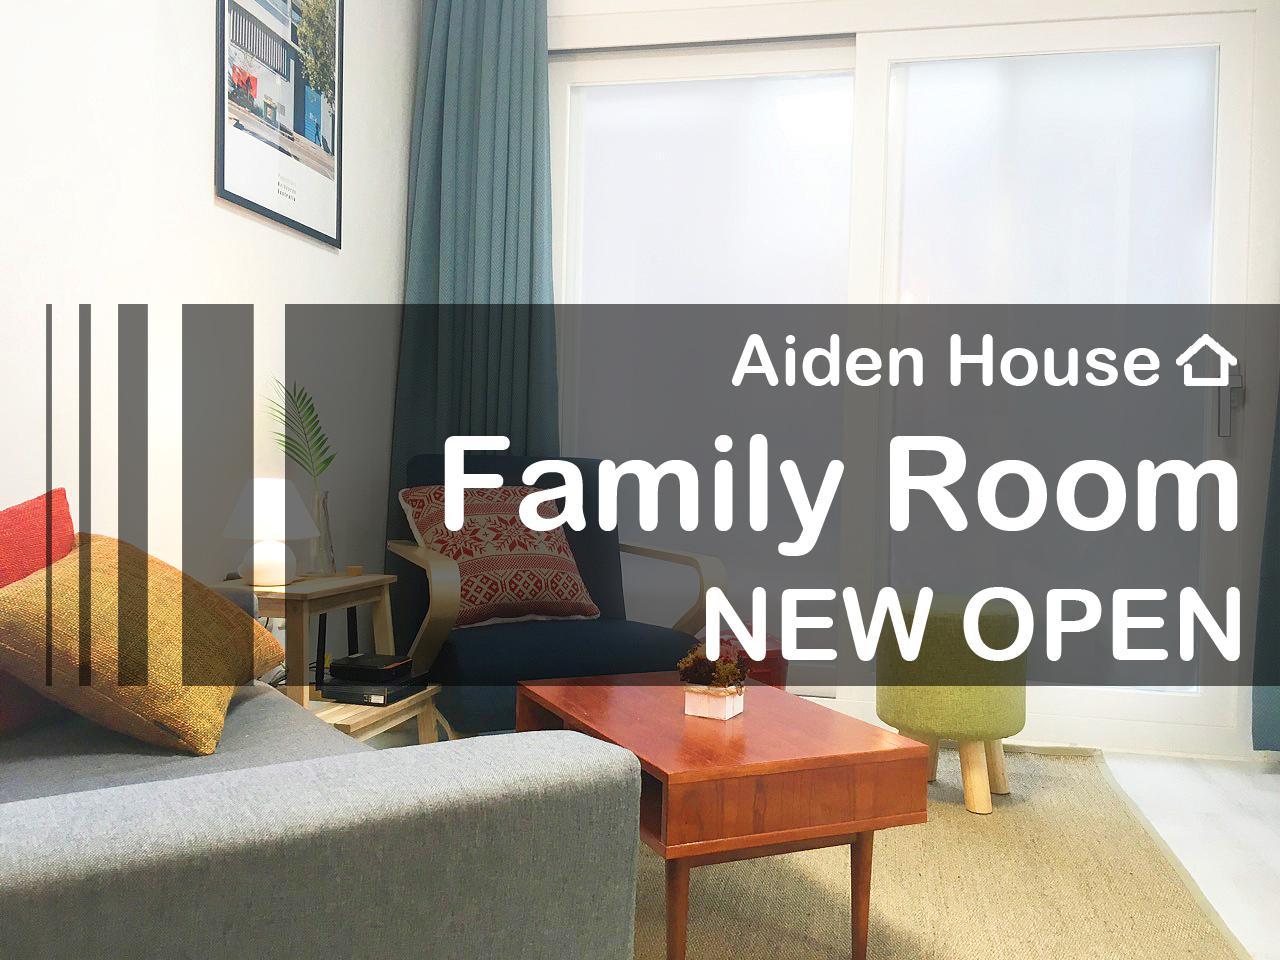 Family Room NEW OPEN